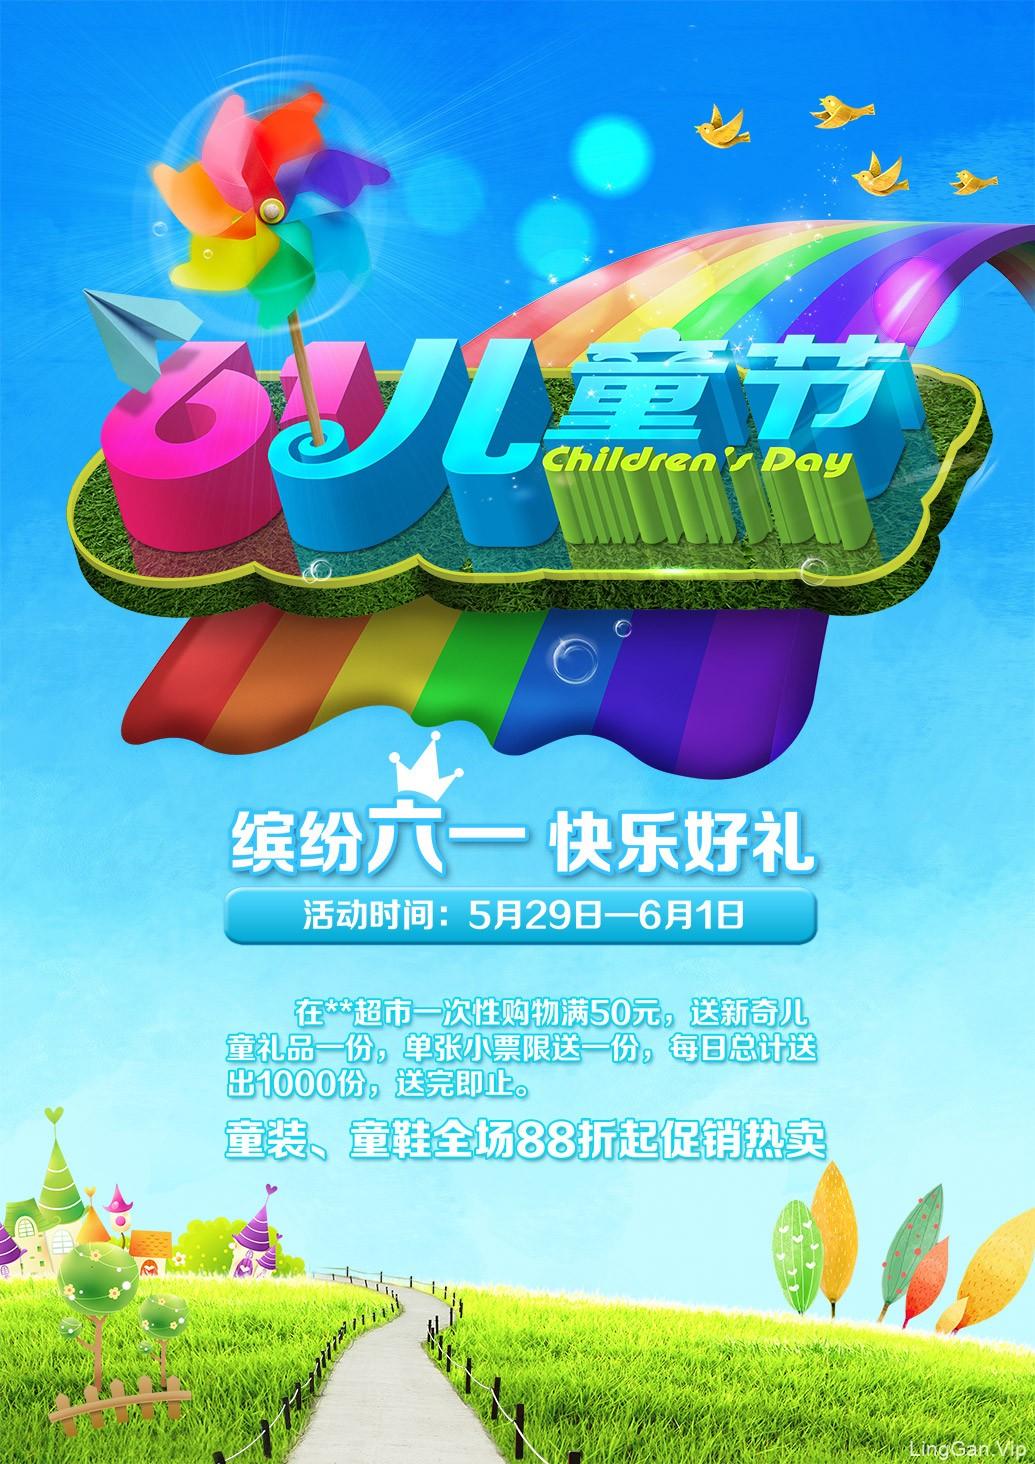 61儿童节 六一儿童节活动海报设计欣赏 卡通 绿色